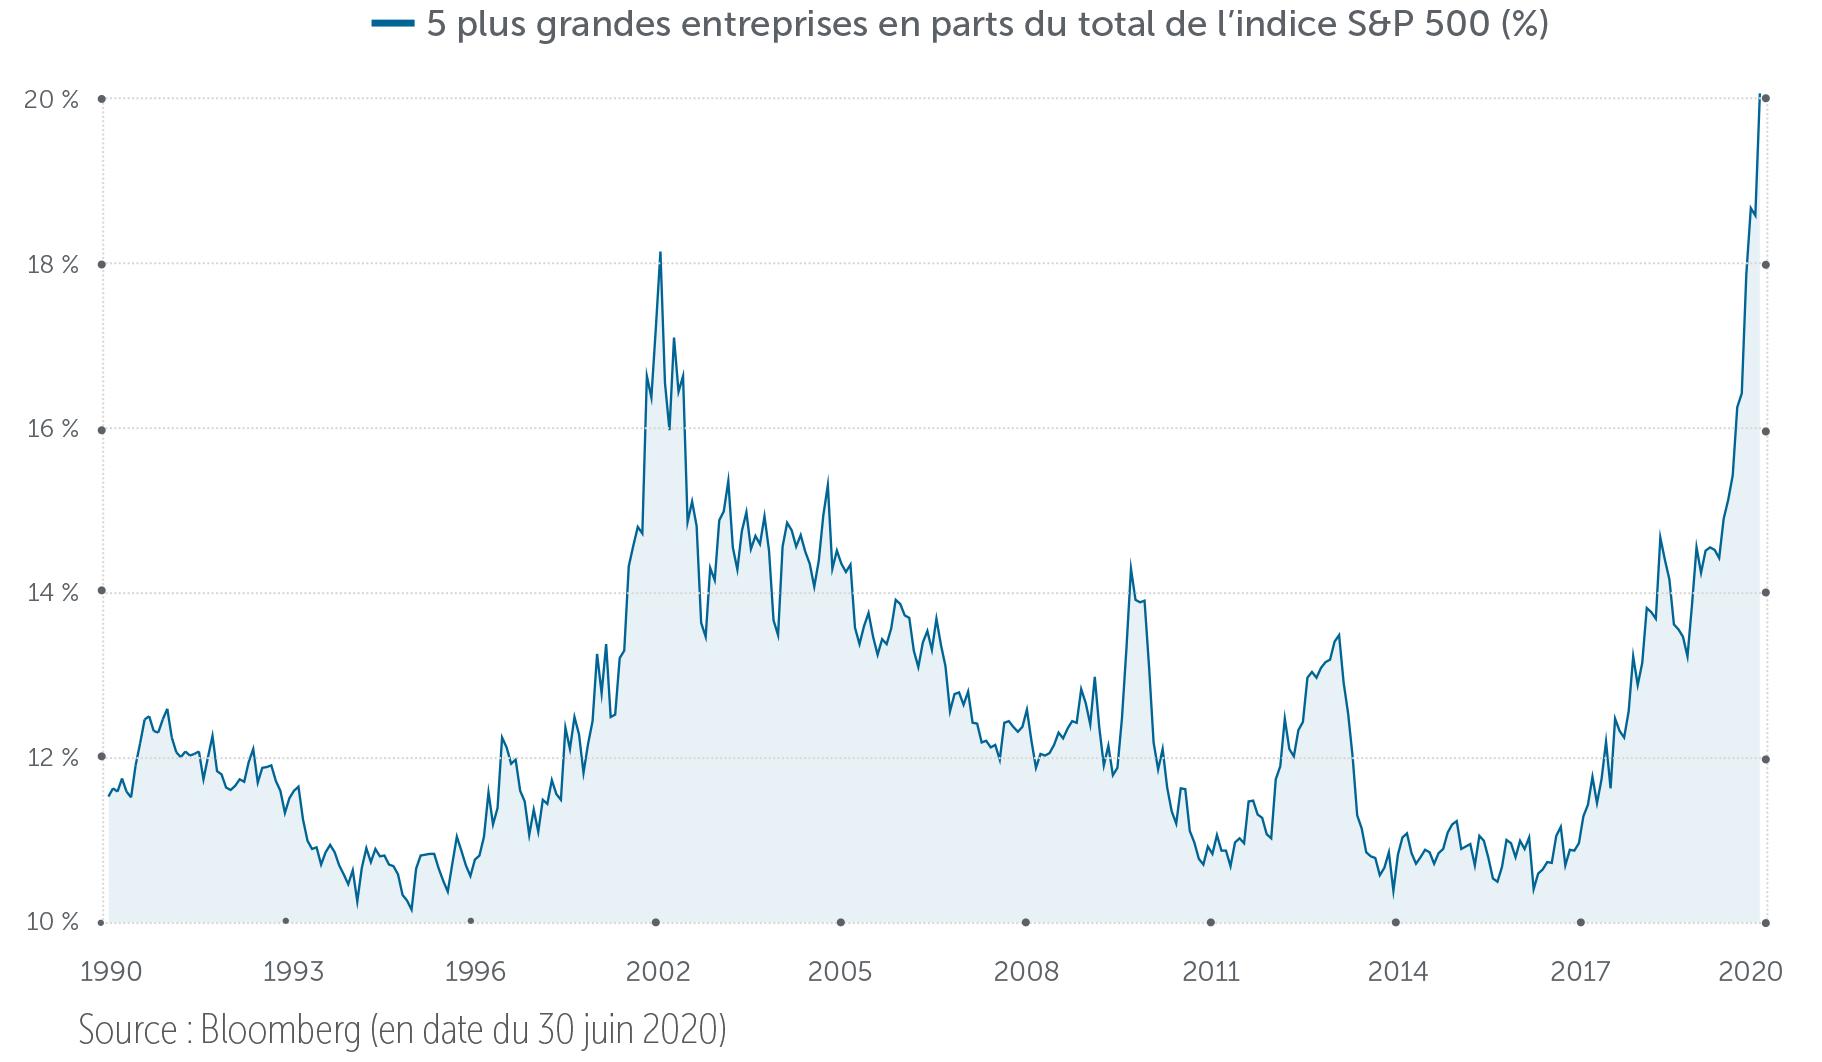 5 plus grandes entreprises en parts du total de l'indice S&P 500 (%), 1990-2020 : Source : Bloomberg (en date du 30 juin 2020)